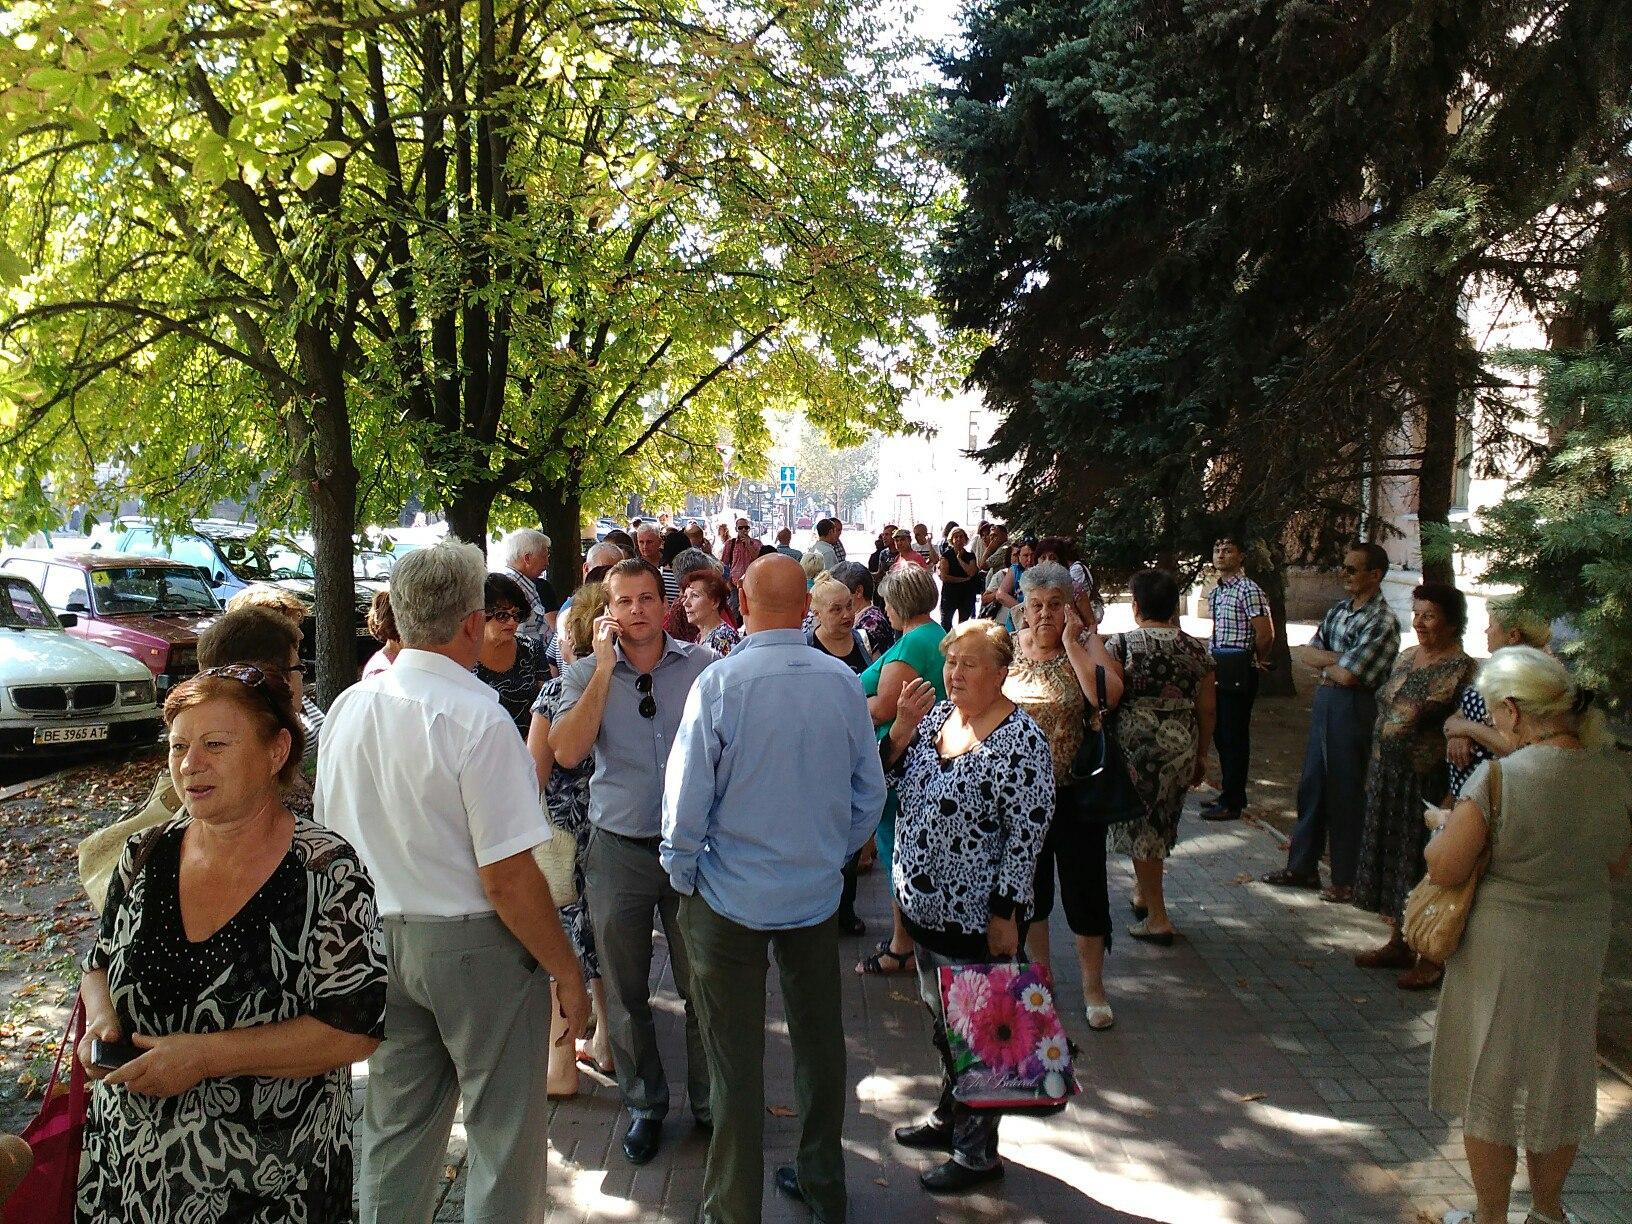 Миколаїв не смітник: городяни пікетують міськраду проти львівських відходів - фото 2